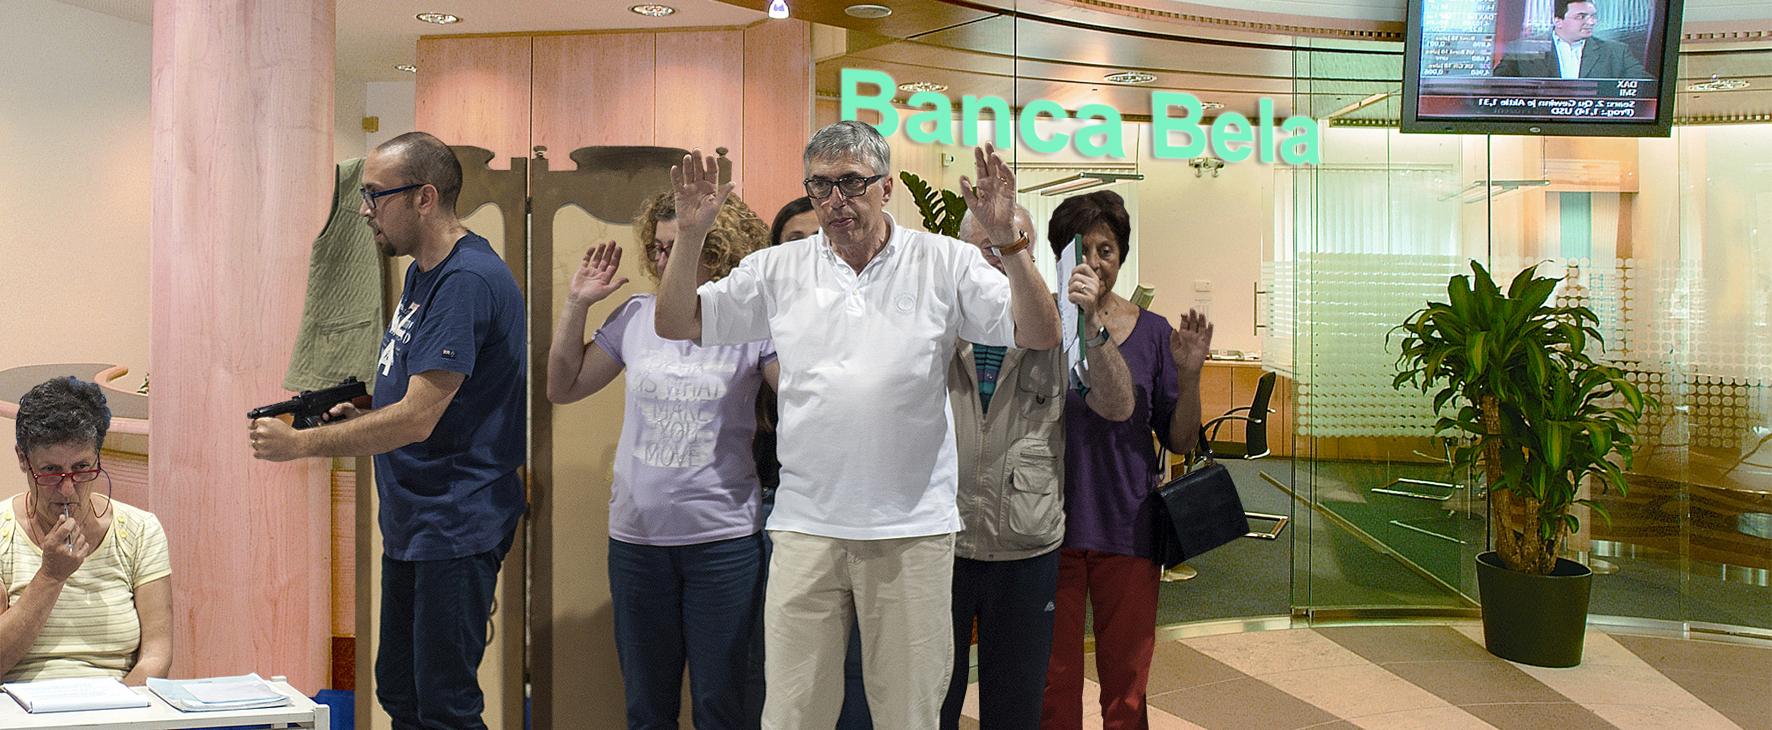 bancabela2 (2)